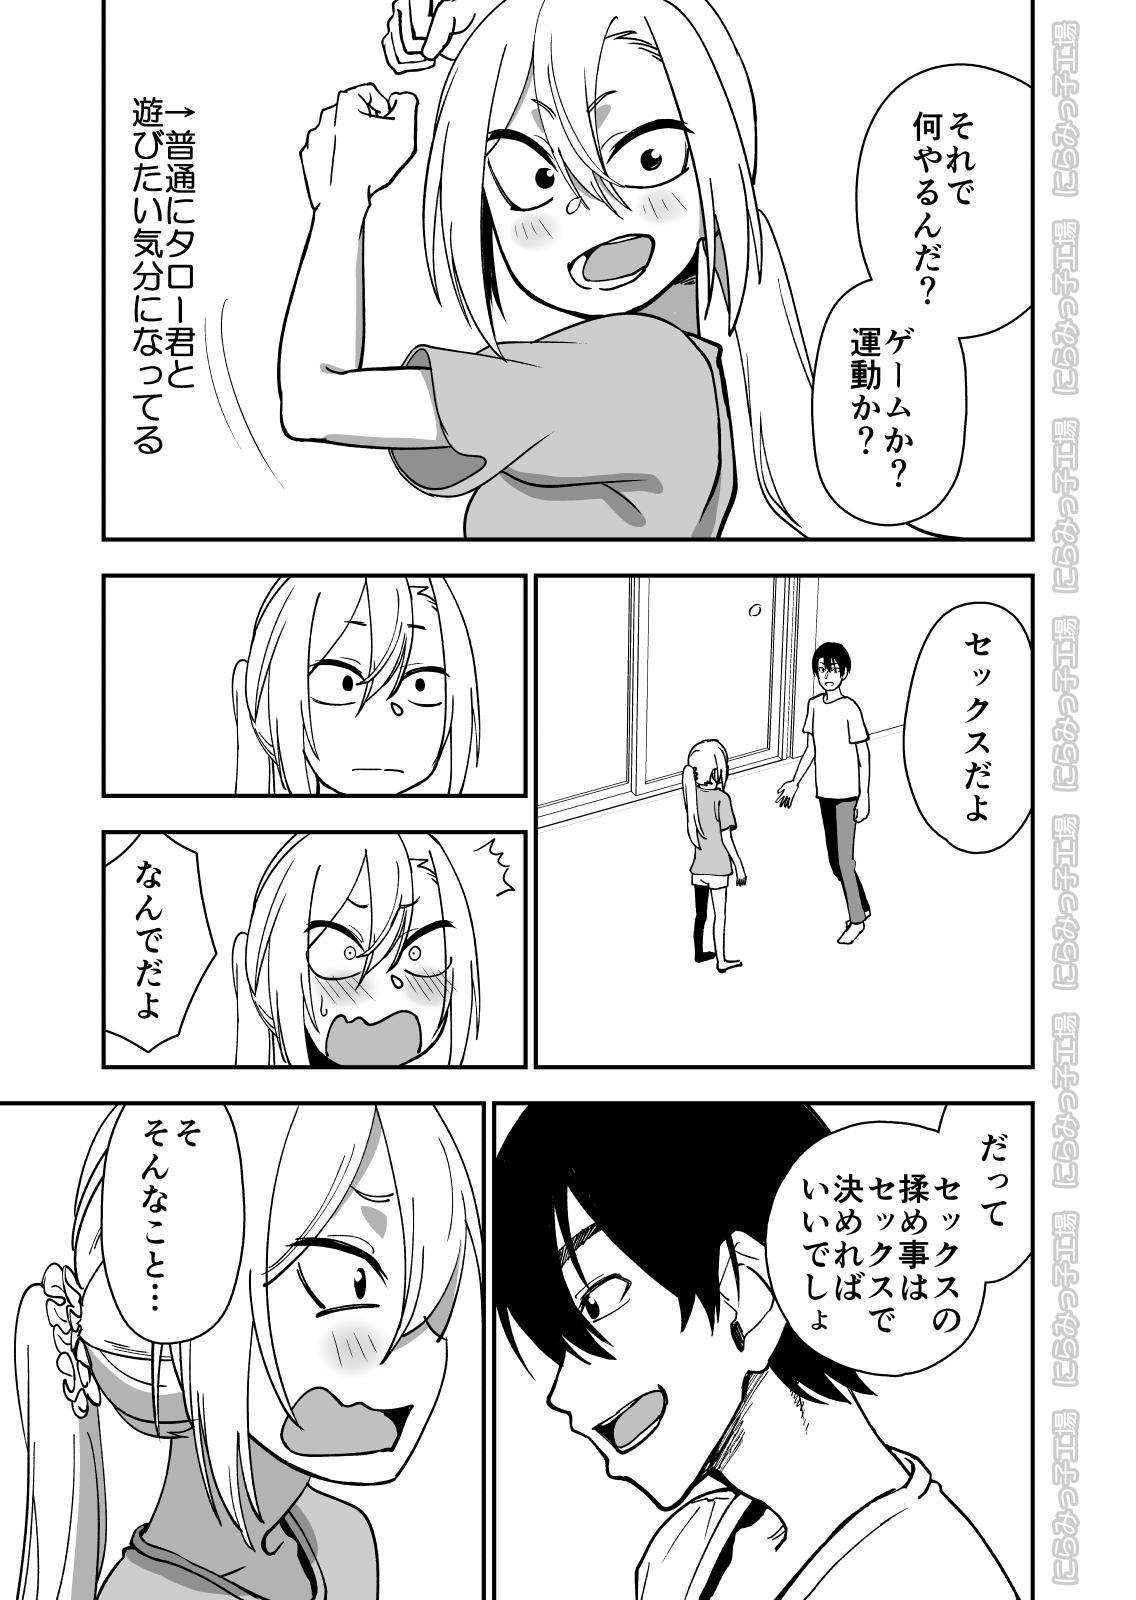 Kinpatsu Yancha-kei na Kanojo to no Kurashikata 3 4